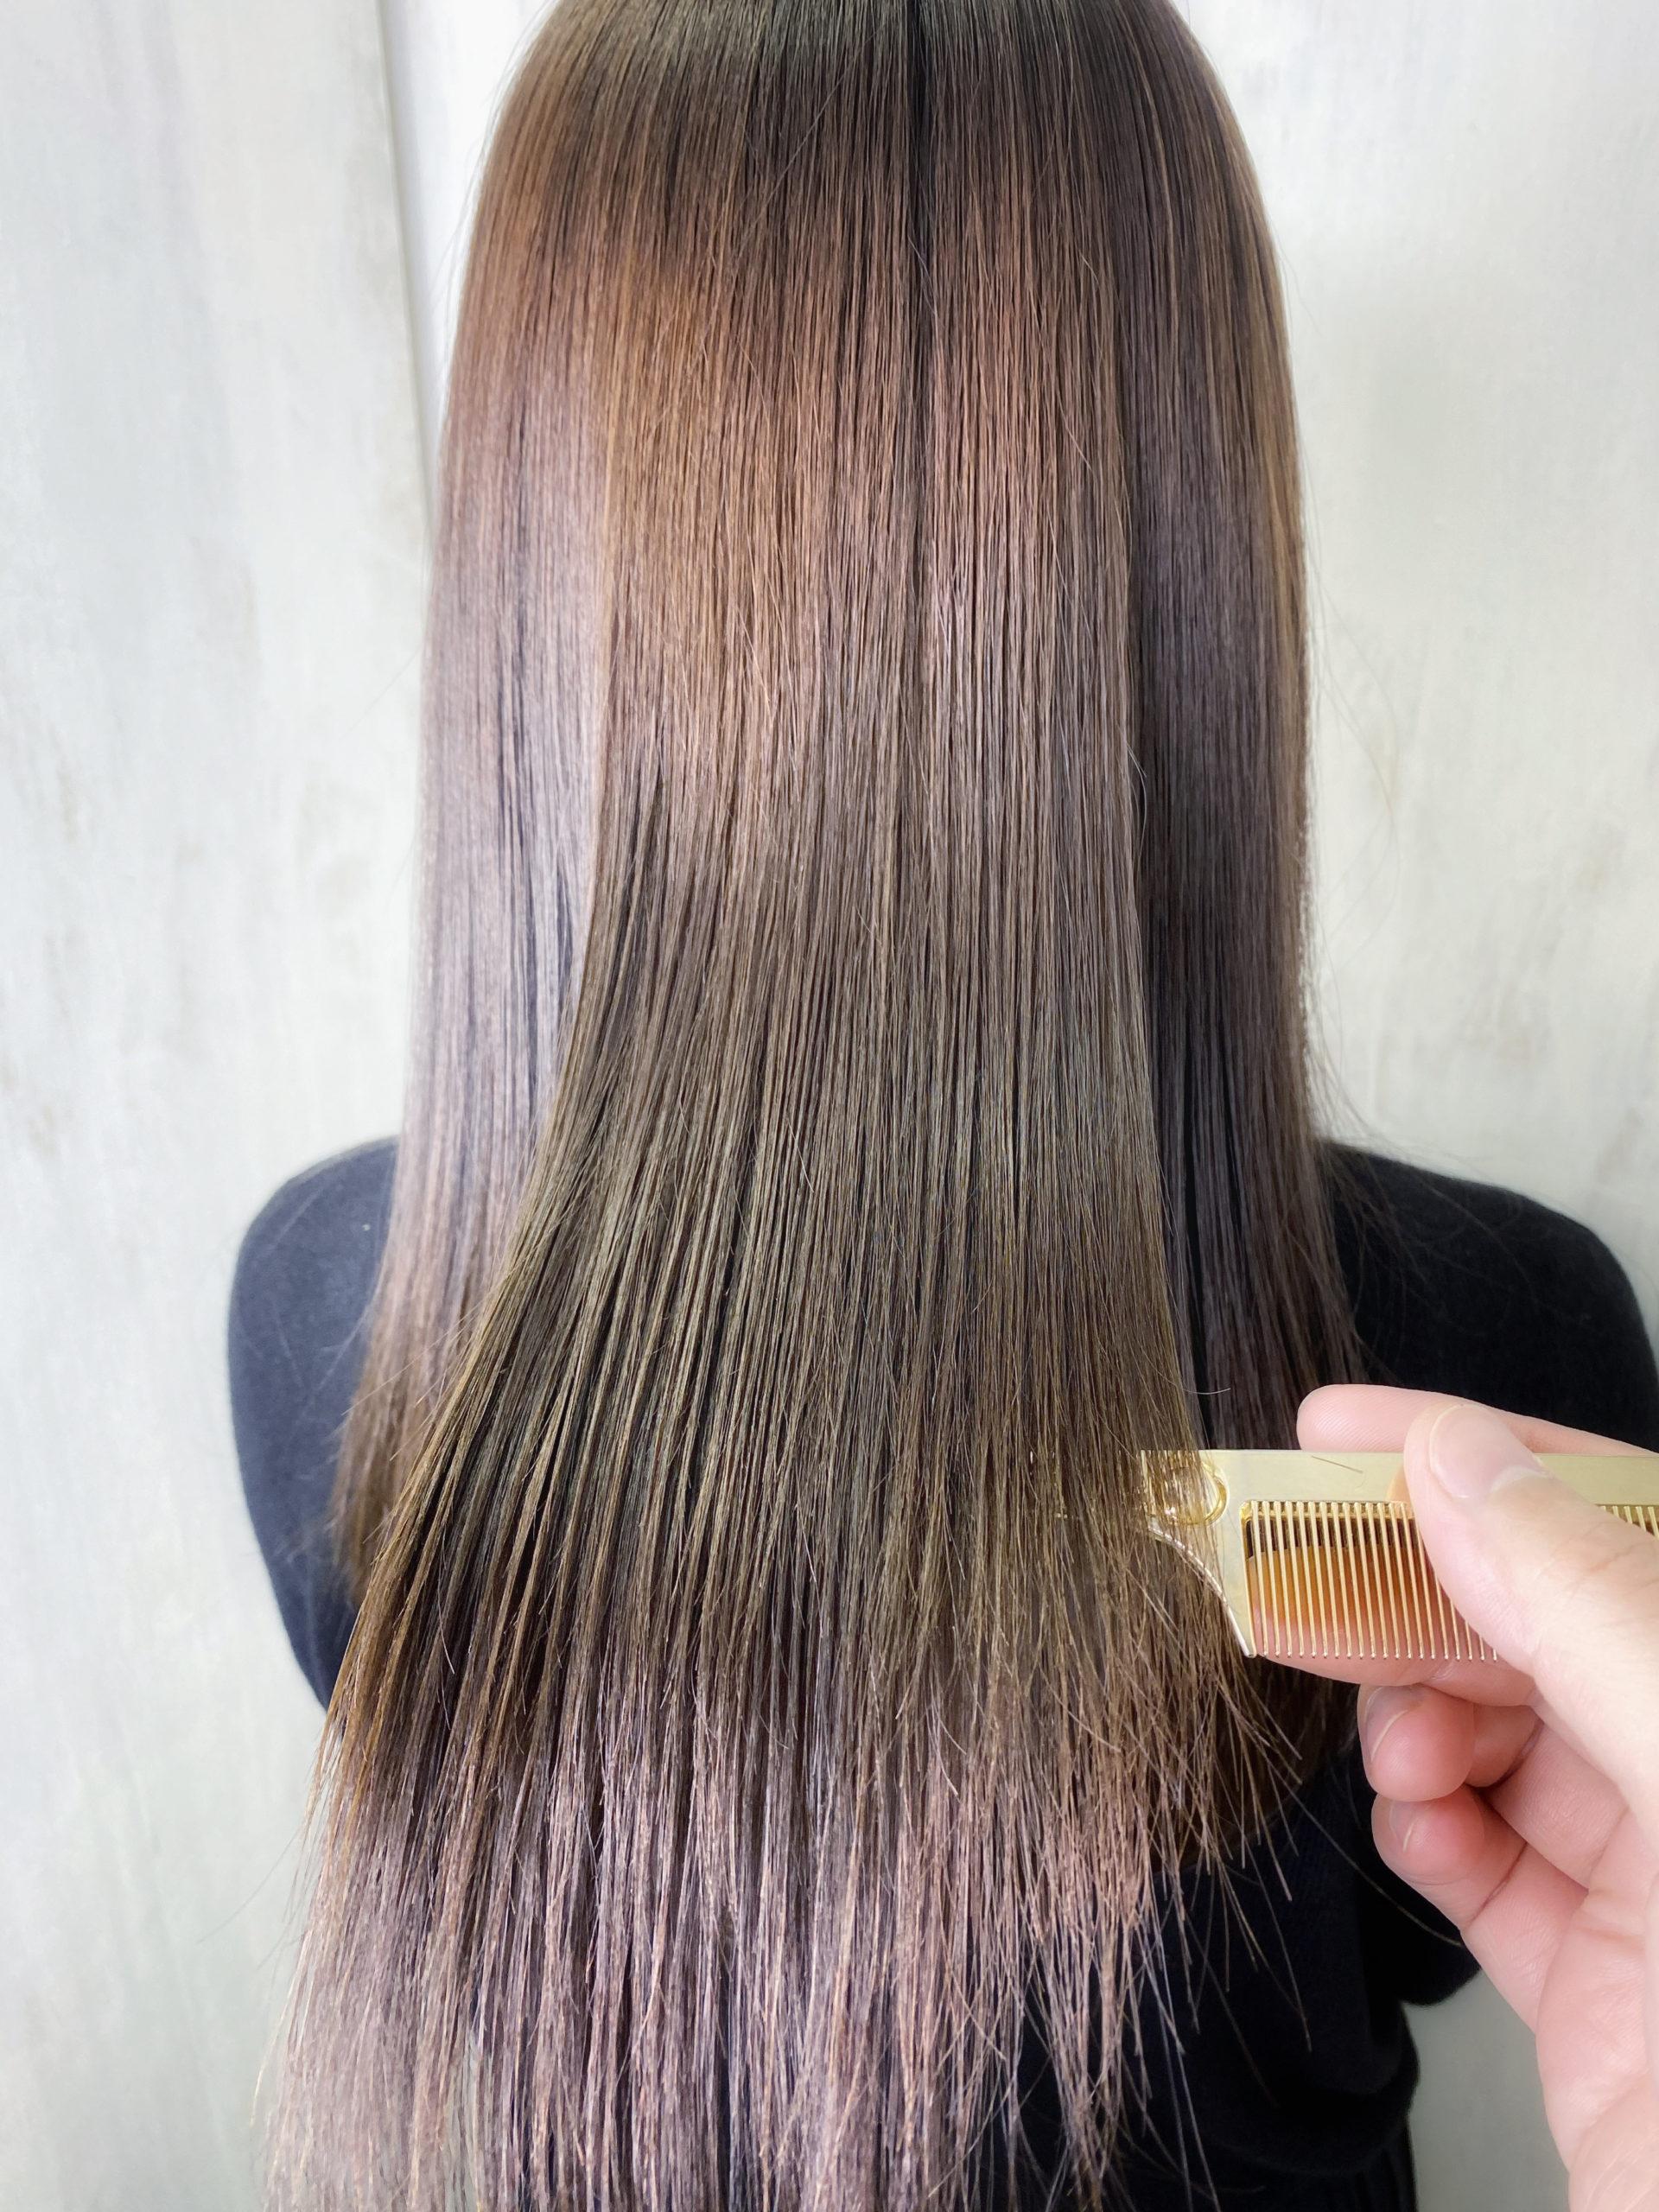 ブリーチでパサついた髪を縮毛矯正で艶髪。原宿・表参道『髪のお悩みを解決するヘアケア美容師の挑戦』